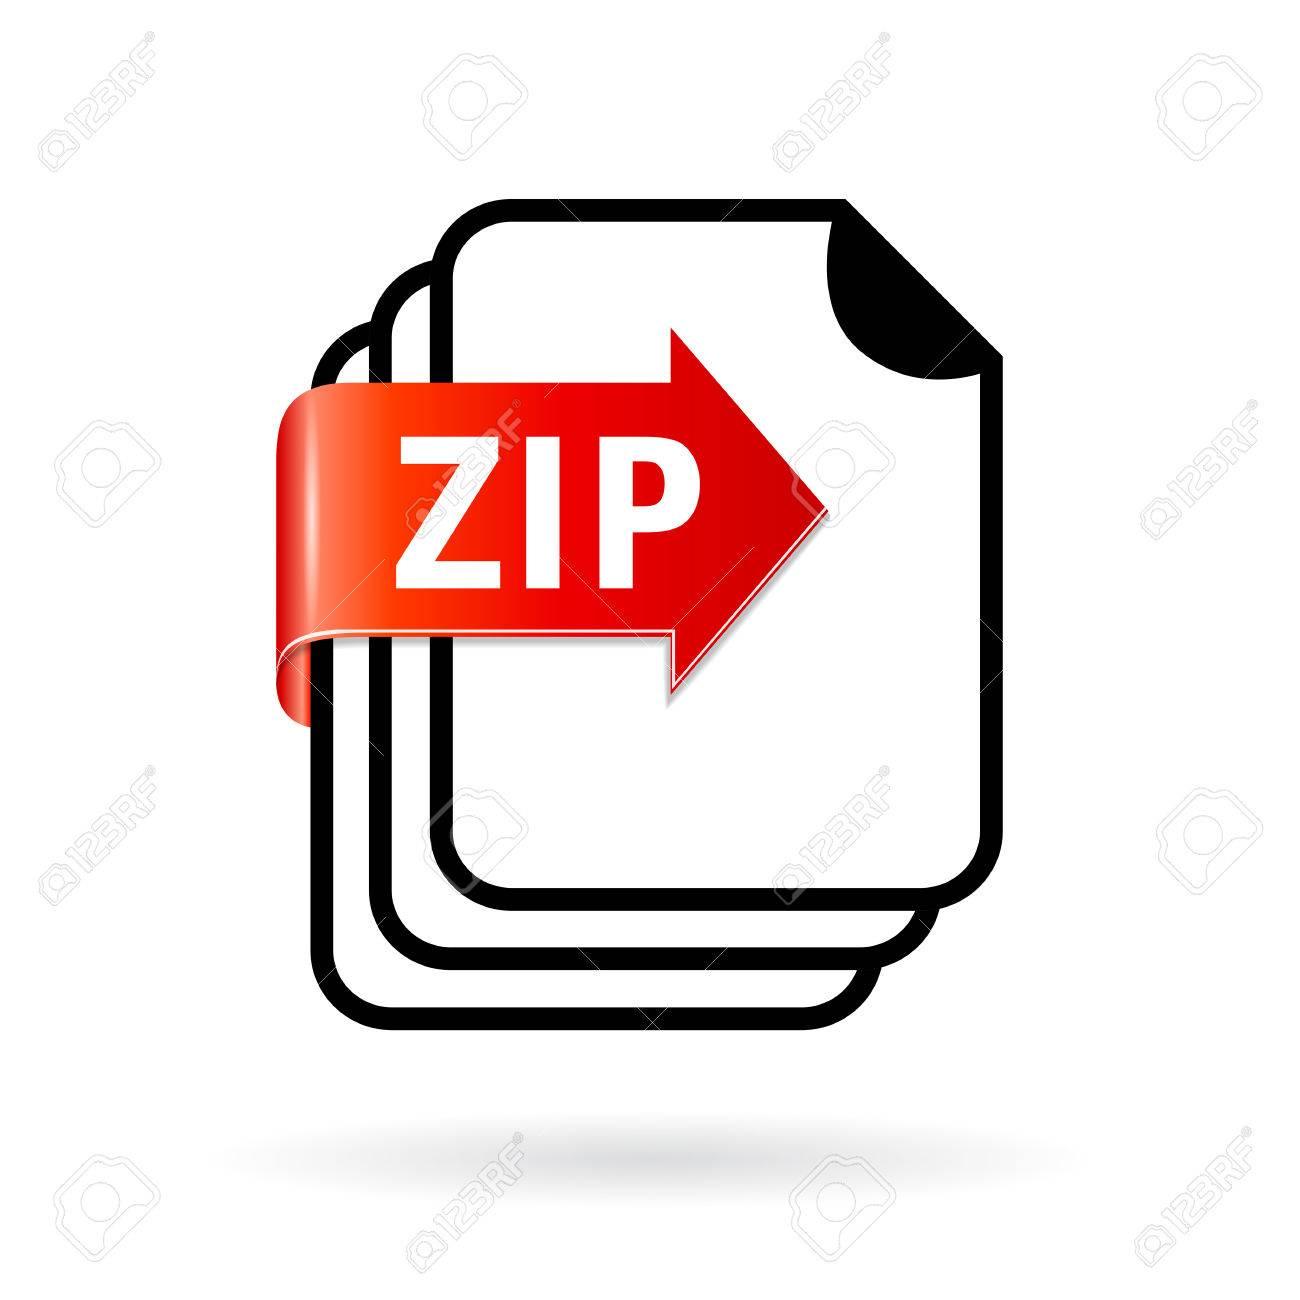 アーカイブ zip ファイルのアイコン ロイヤリティフリークリップアート